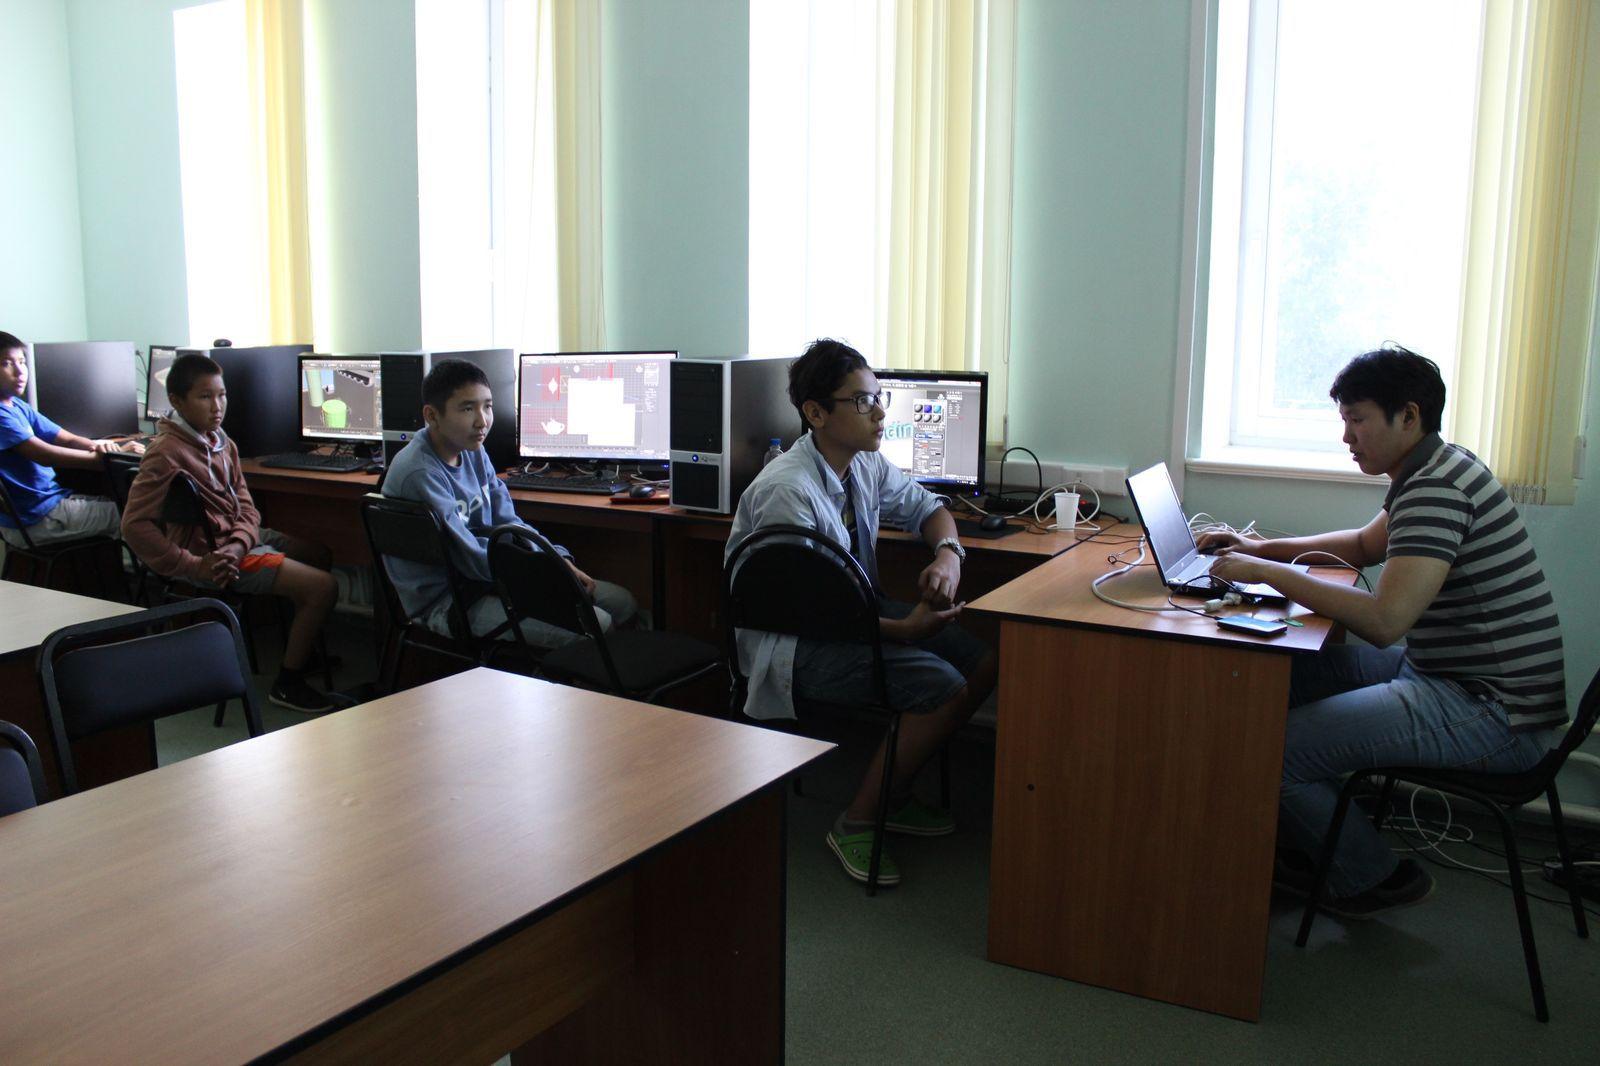 Летние IT-школы в Якутии: как это сделано - 3